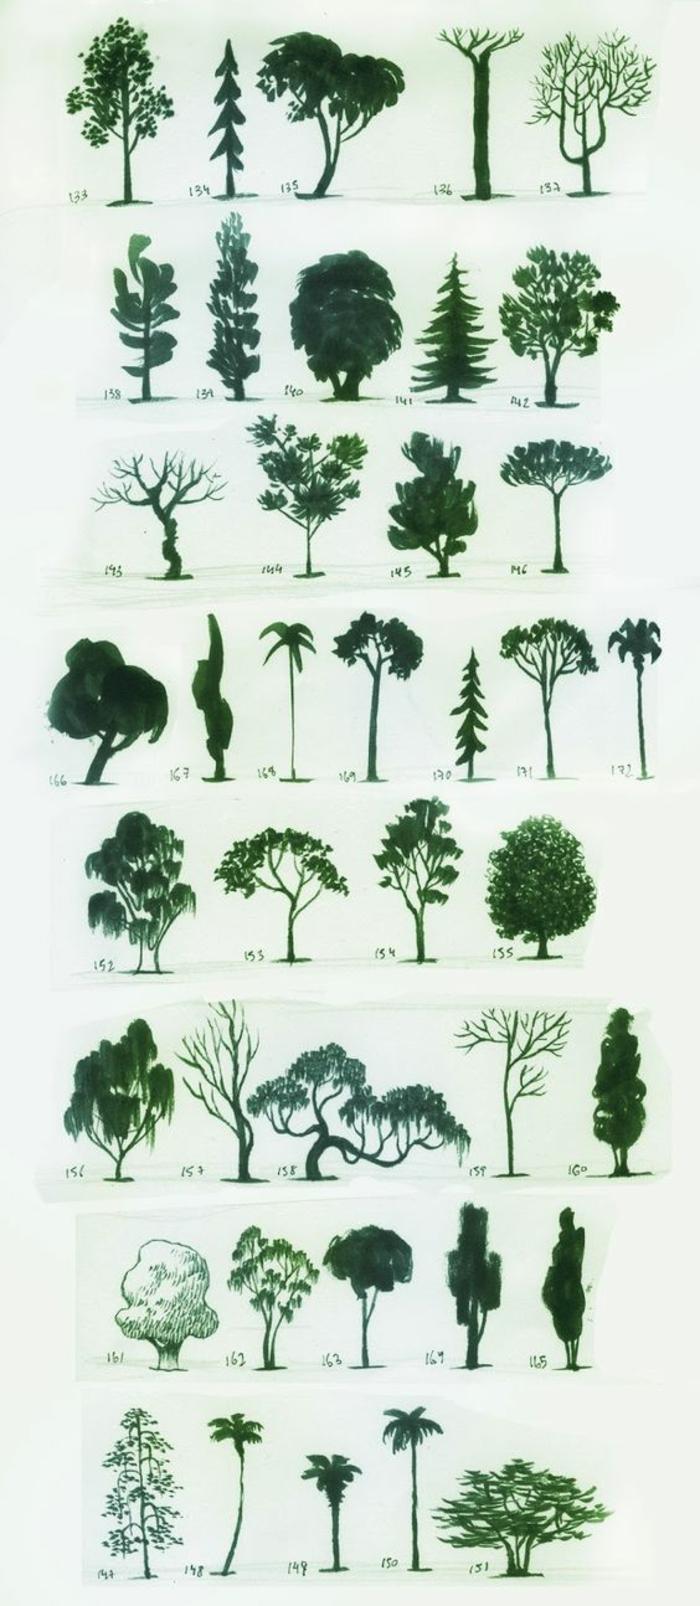 Dessiner différentes arbres espèces de foret monochrome dessin en vert